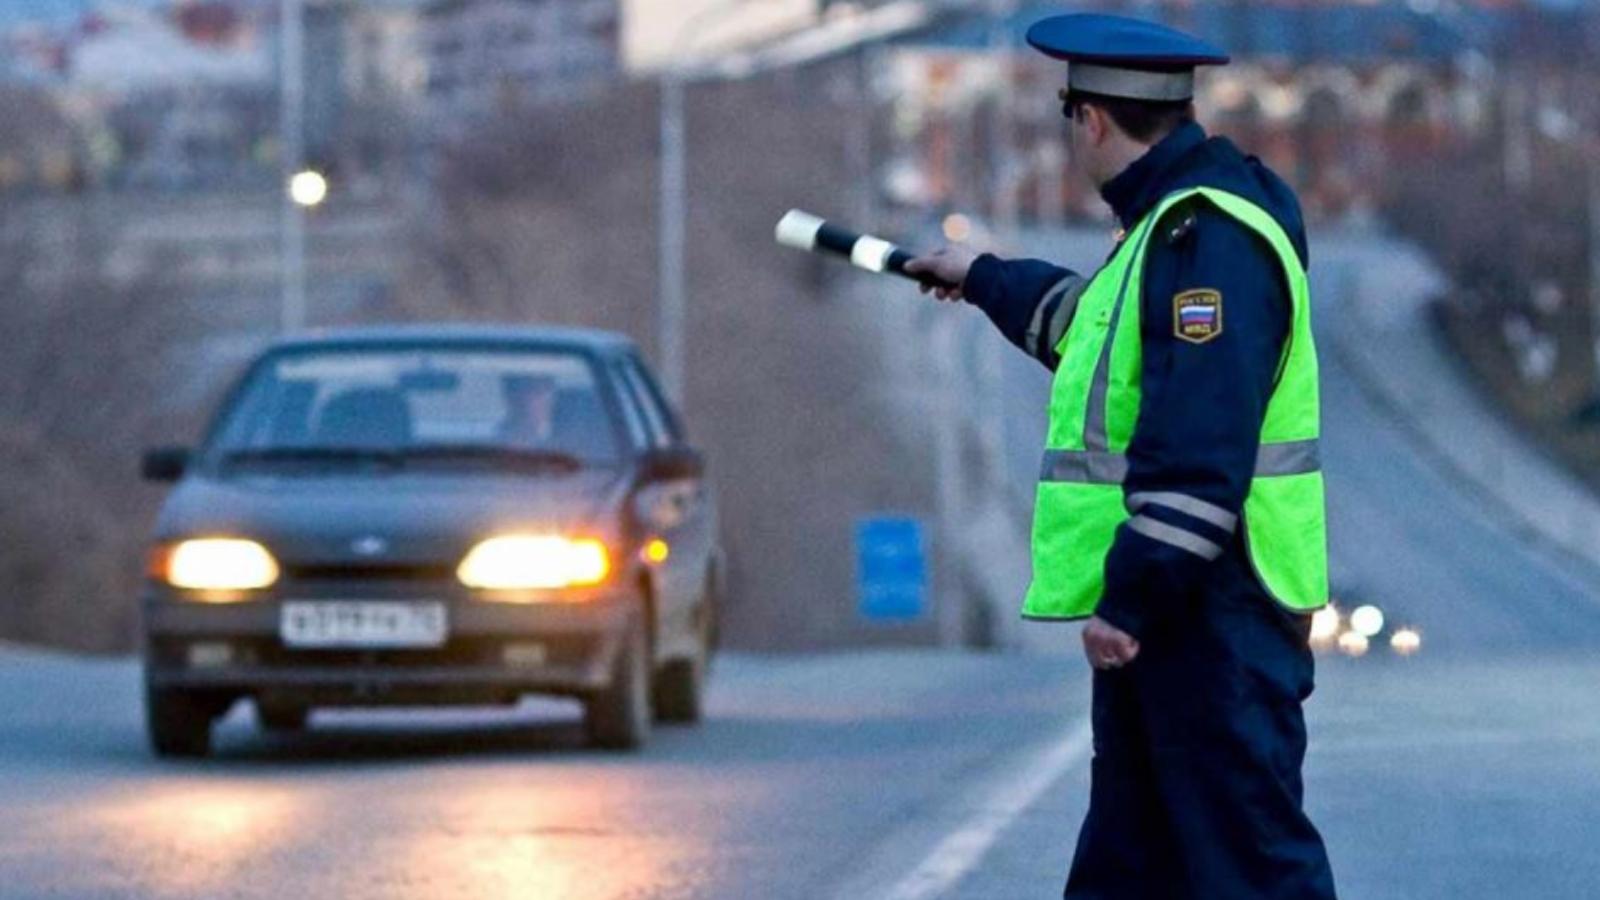 В 2022 году в России появятся приборы для моментального выявления пьяных водителей